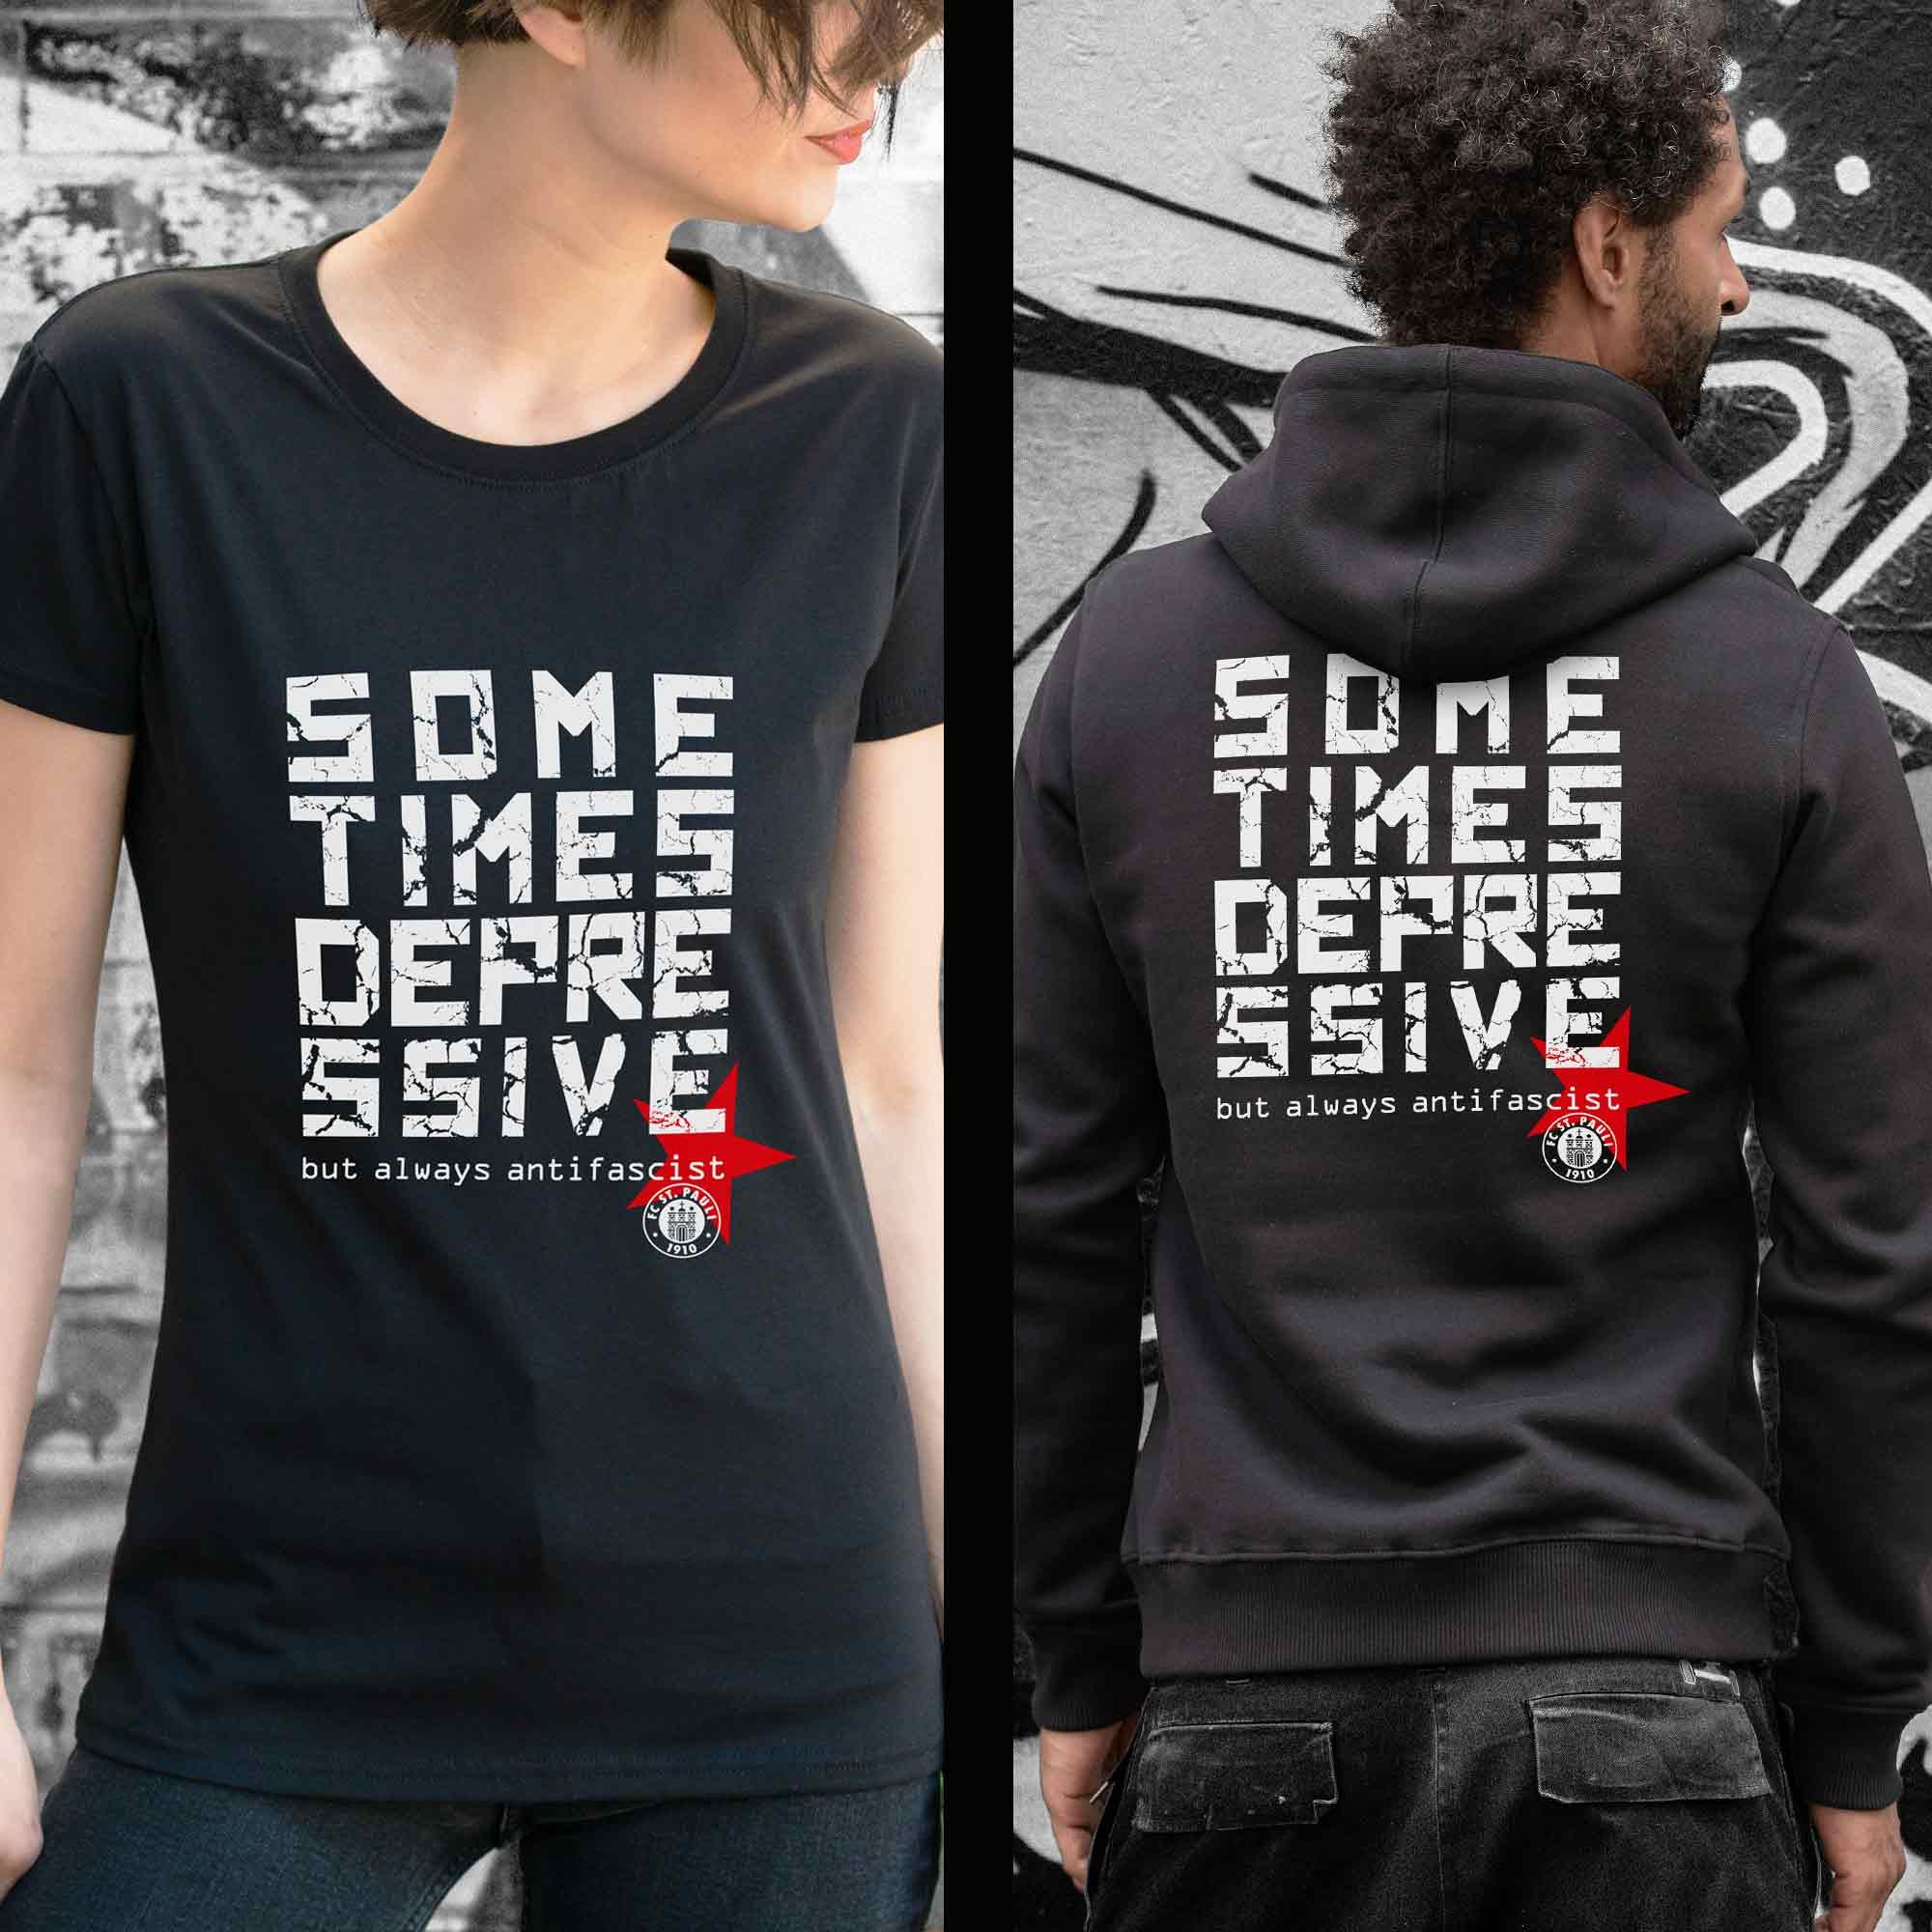 Sometimes Depressive - always antifascist / Shirt und Pullover zugunsten von Sankt Depri